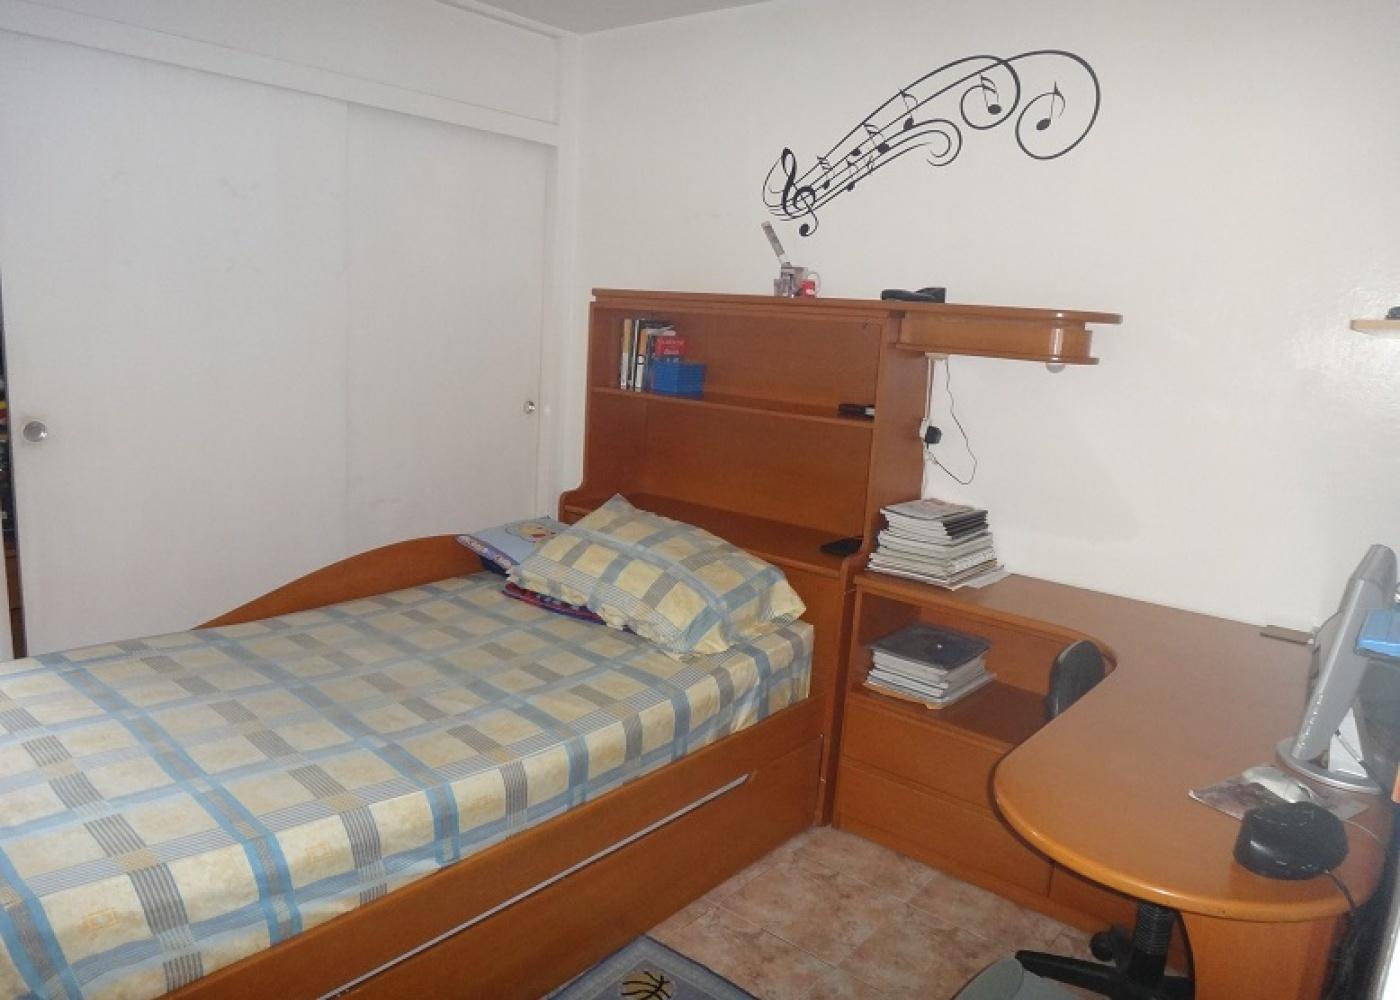 Colegio Americano, Caracas, Gran Caracas, 3 Bedrooms Bedrooms, ,2 BathroomsBathrooms,Apartamento,Venta,El Naranjal torre B,Colegio Americano,1006